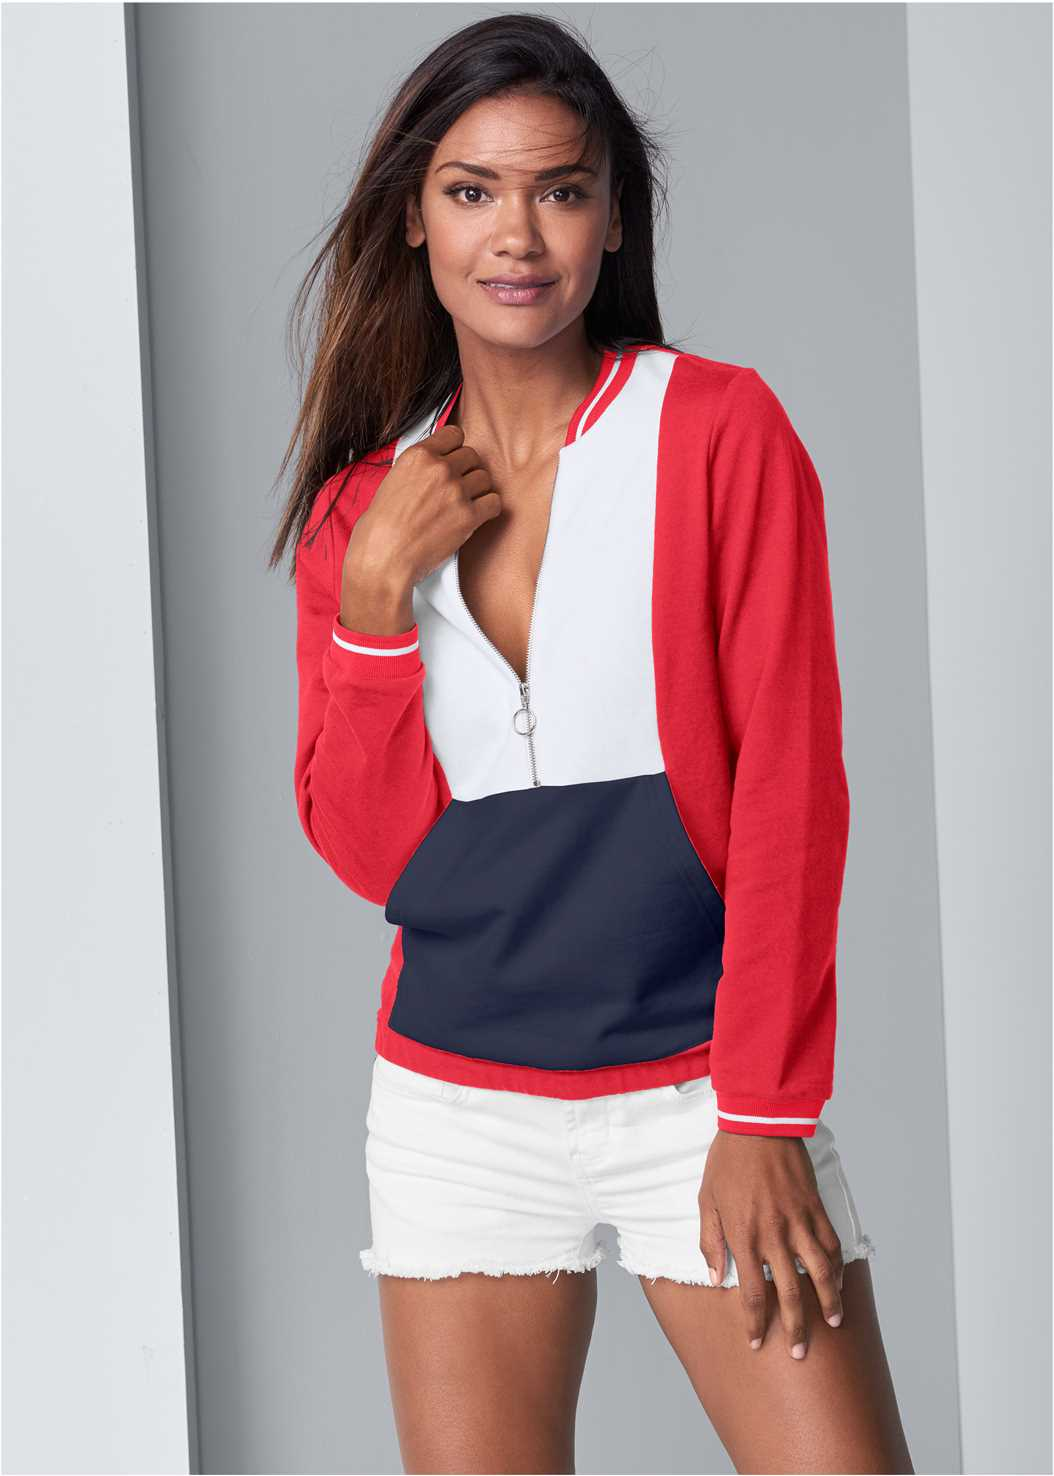 Color Block Sweatshirt,Frayed Cut Off Jean Shorts,Embellished Slides